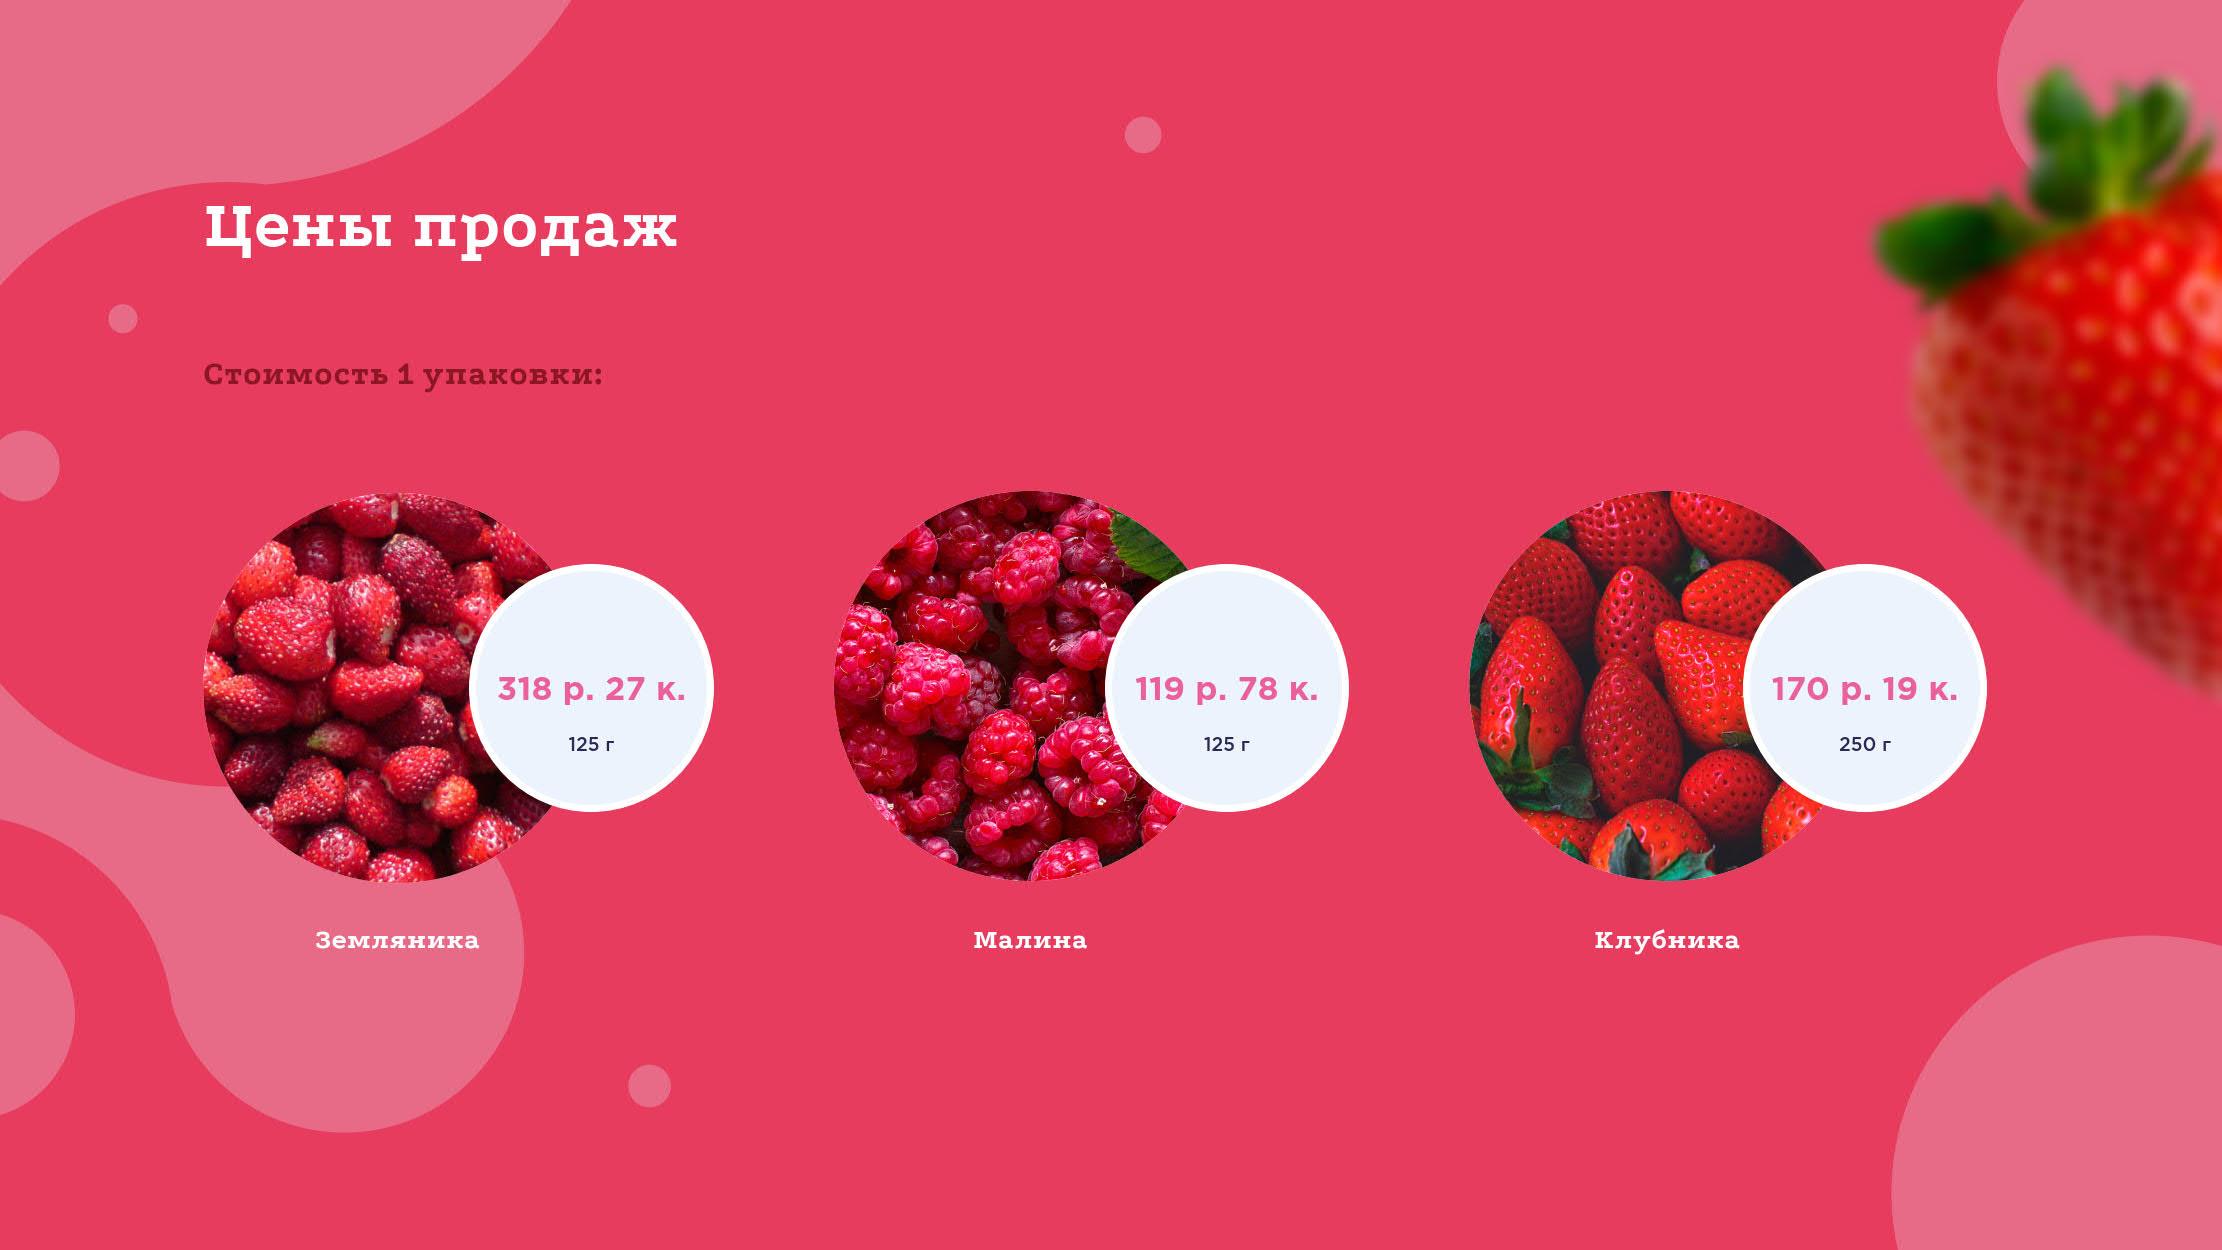 Презентация проекта создания ягодного кластера для привлечения инвестиций